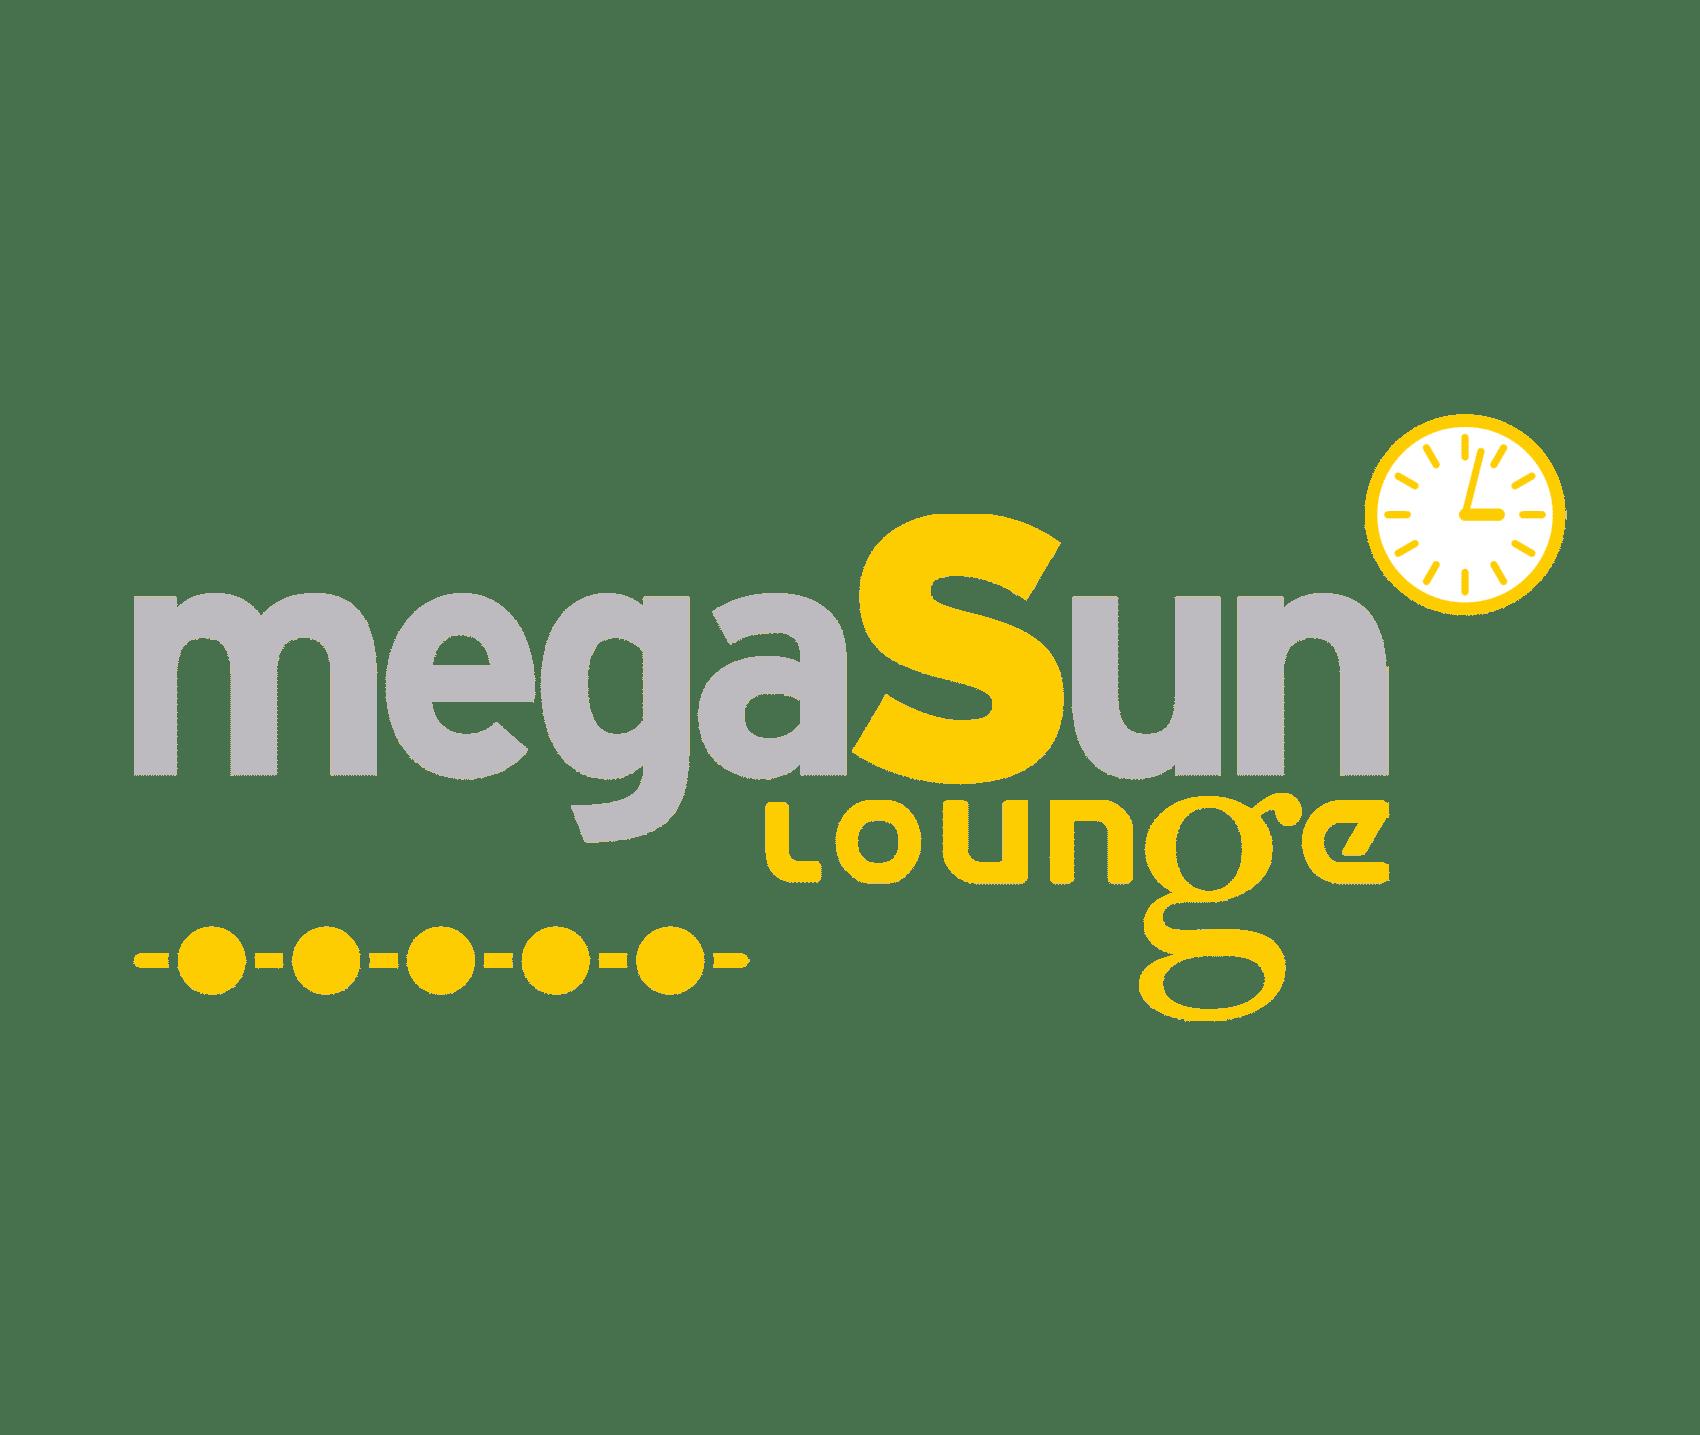 megasun lounge logo